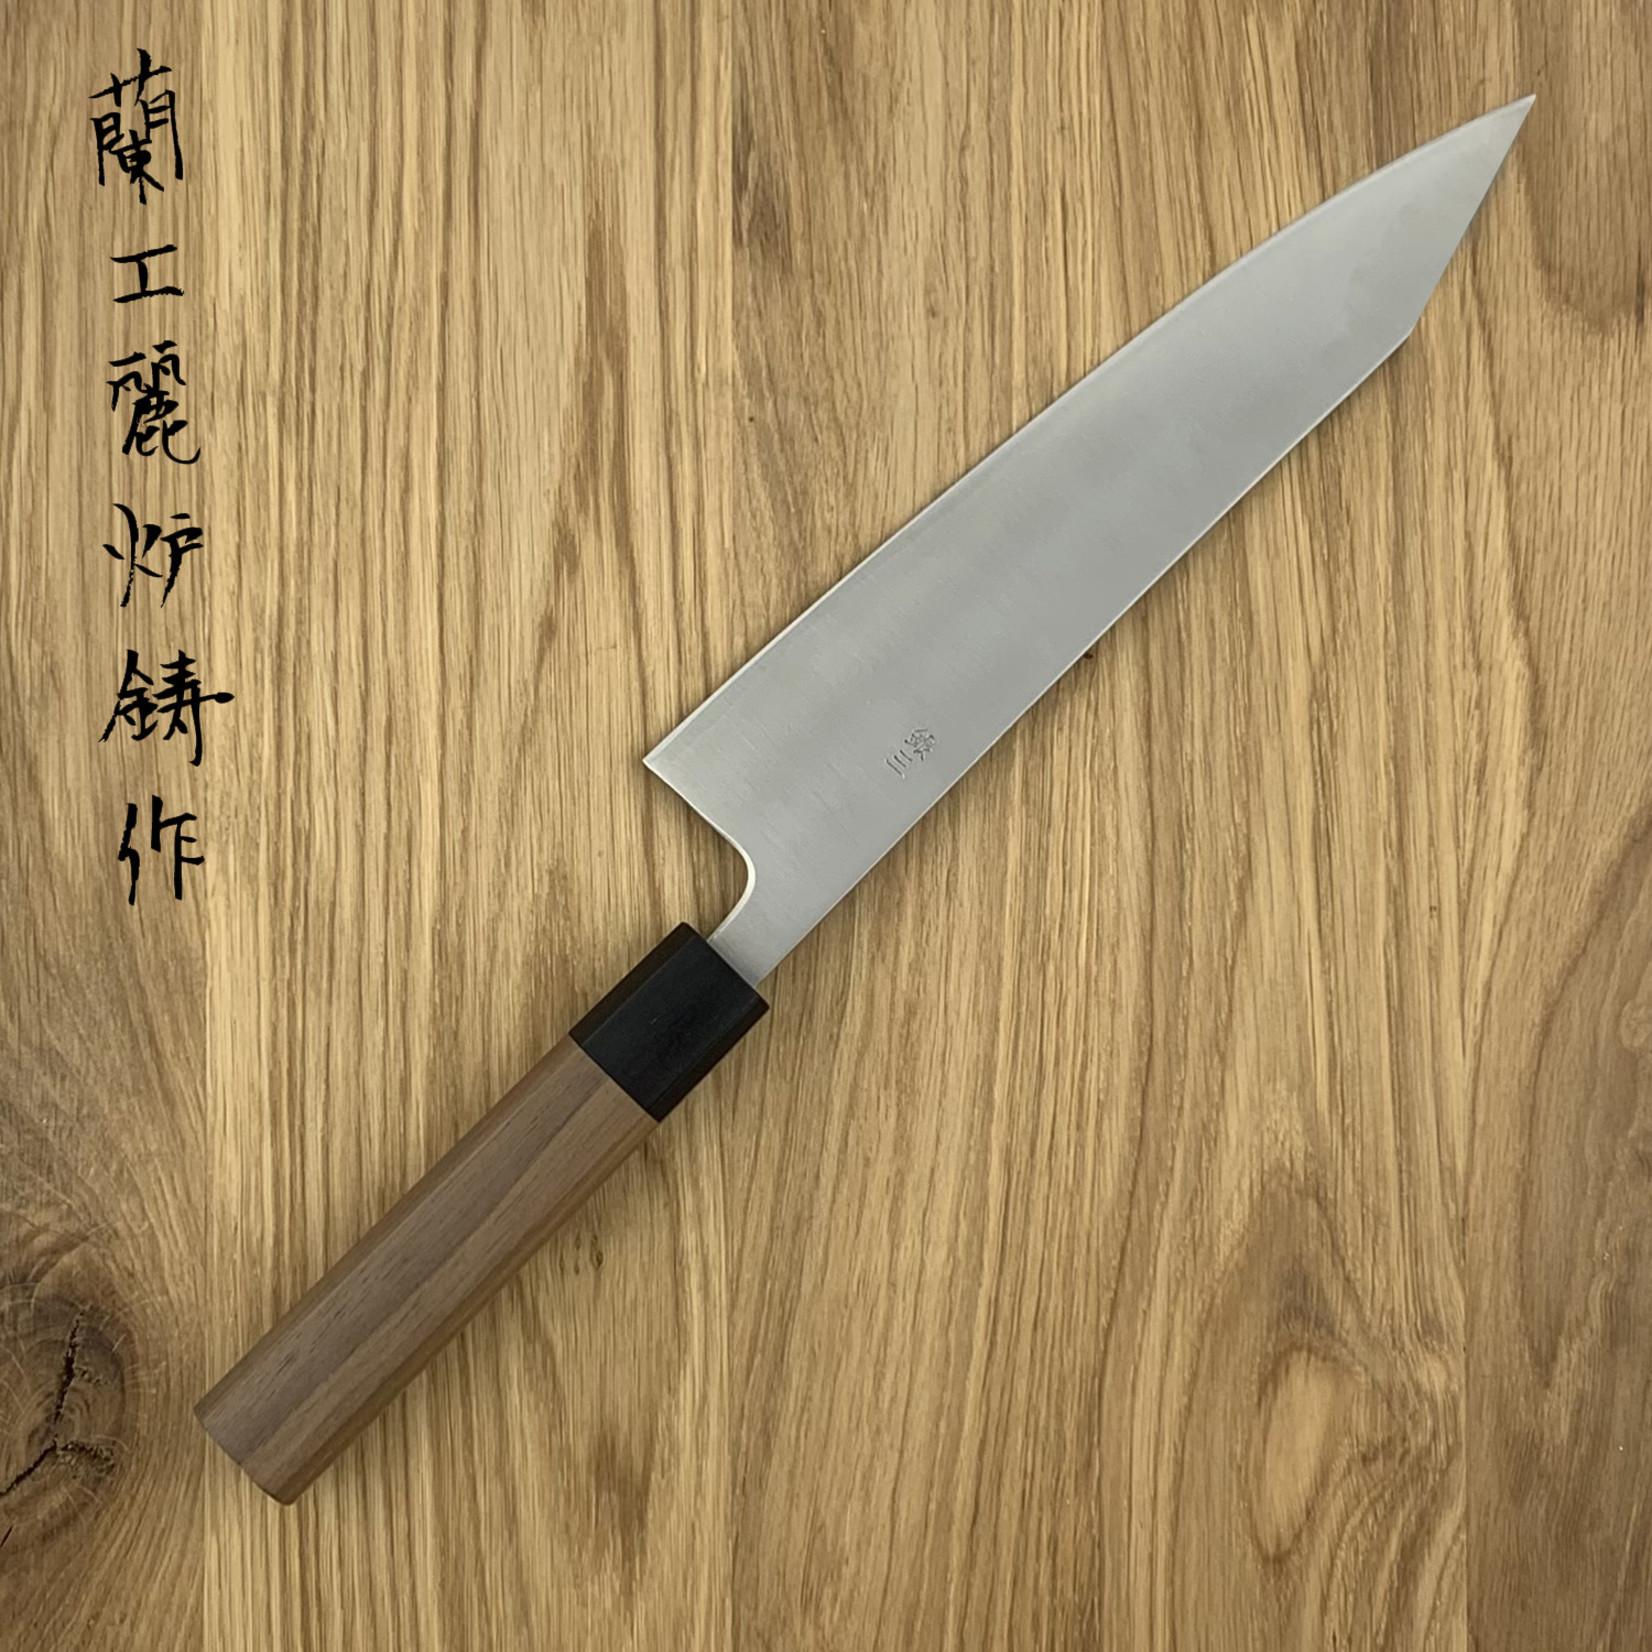 KIKUICHI Ginsan Sanmai Walnoot Heft Kiritsuke Gyuto 210mm